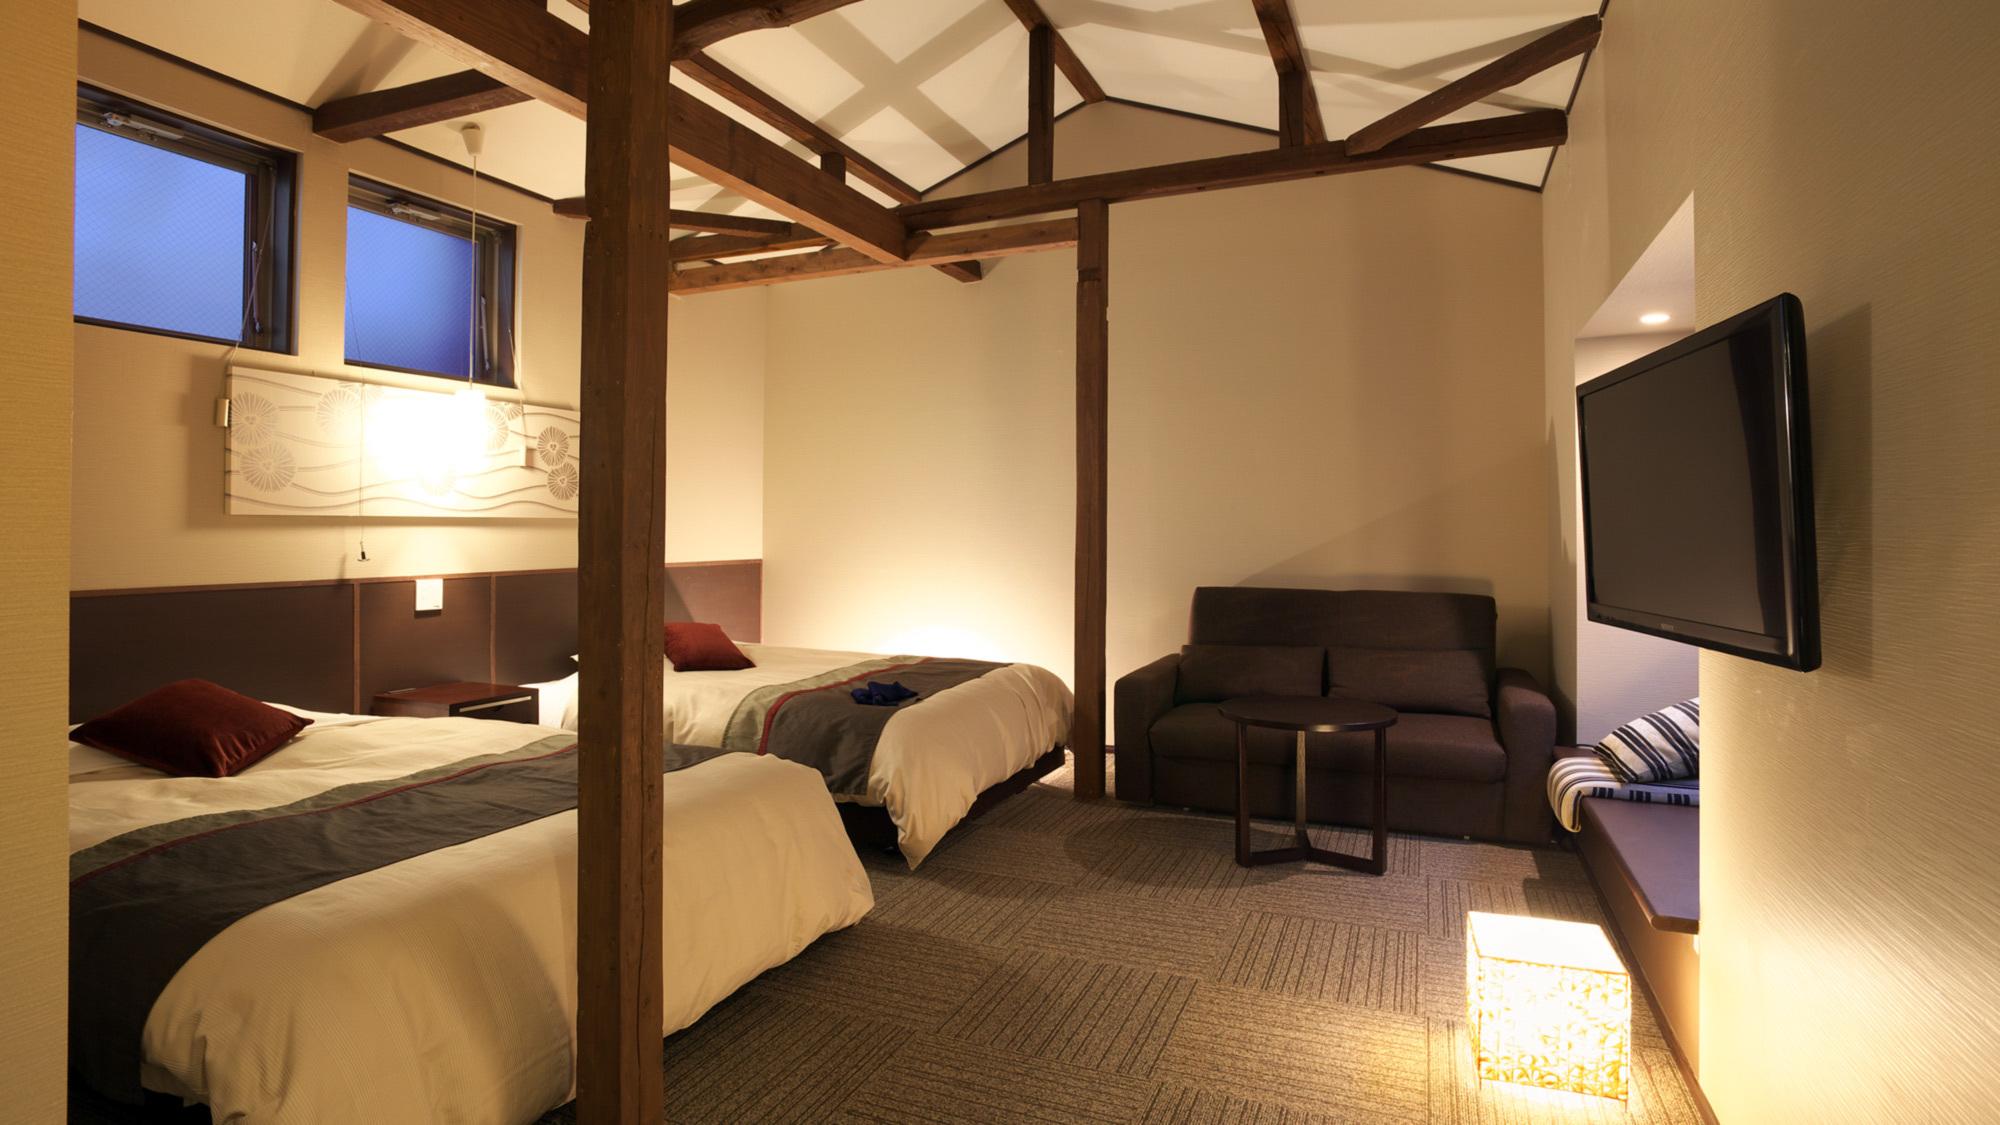 【ツインルーム】広々としたツインルーム 室内でのインターネット接続も可能です! (2)